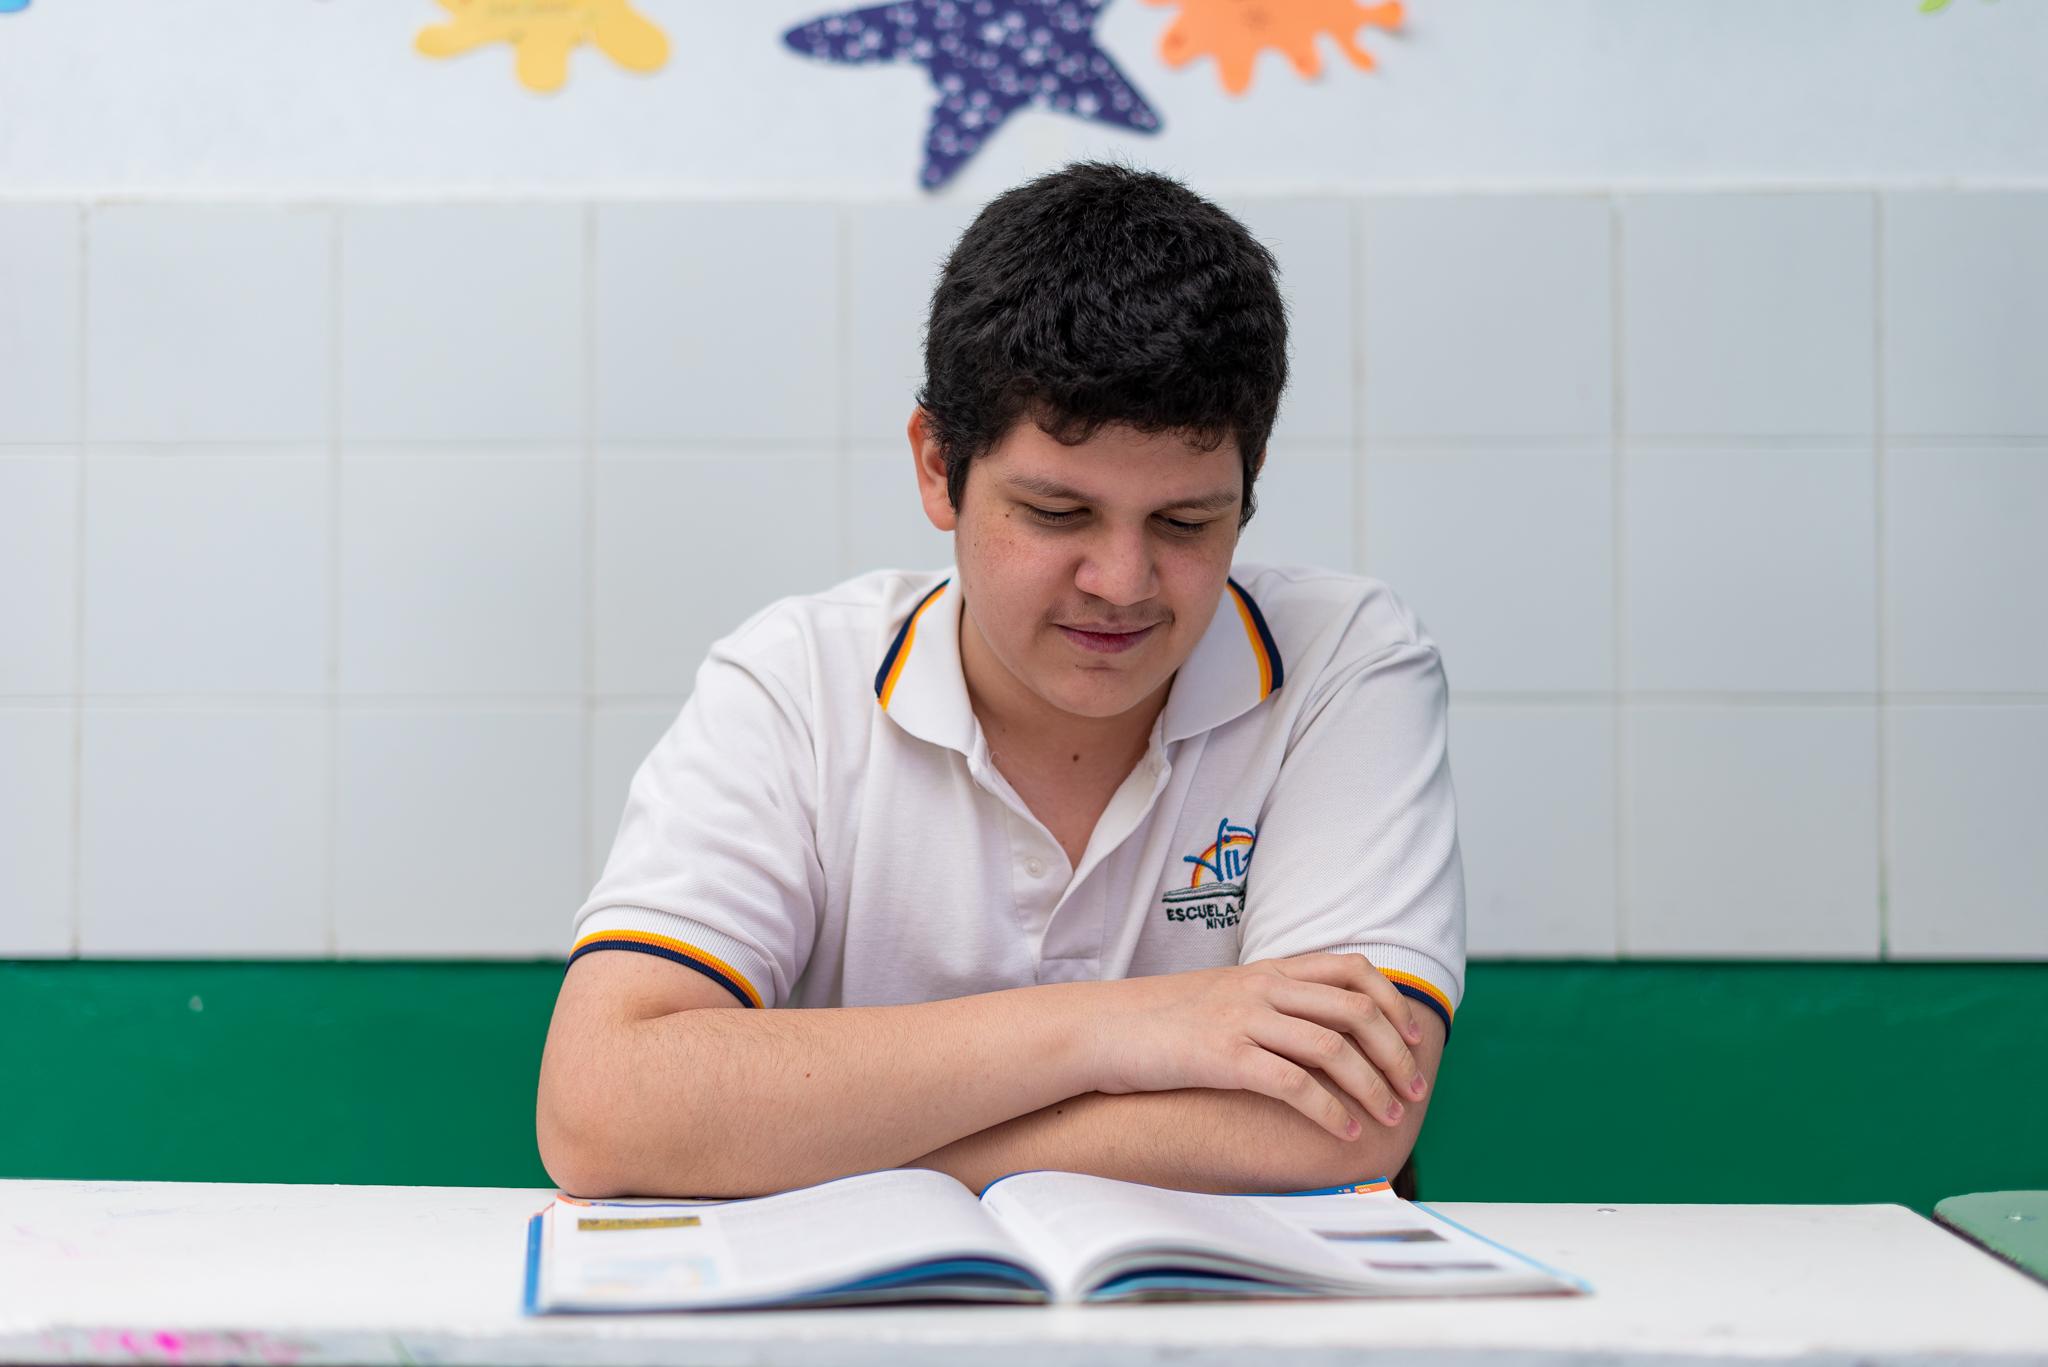 Escuela vidaNivel secundario